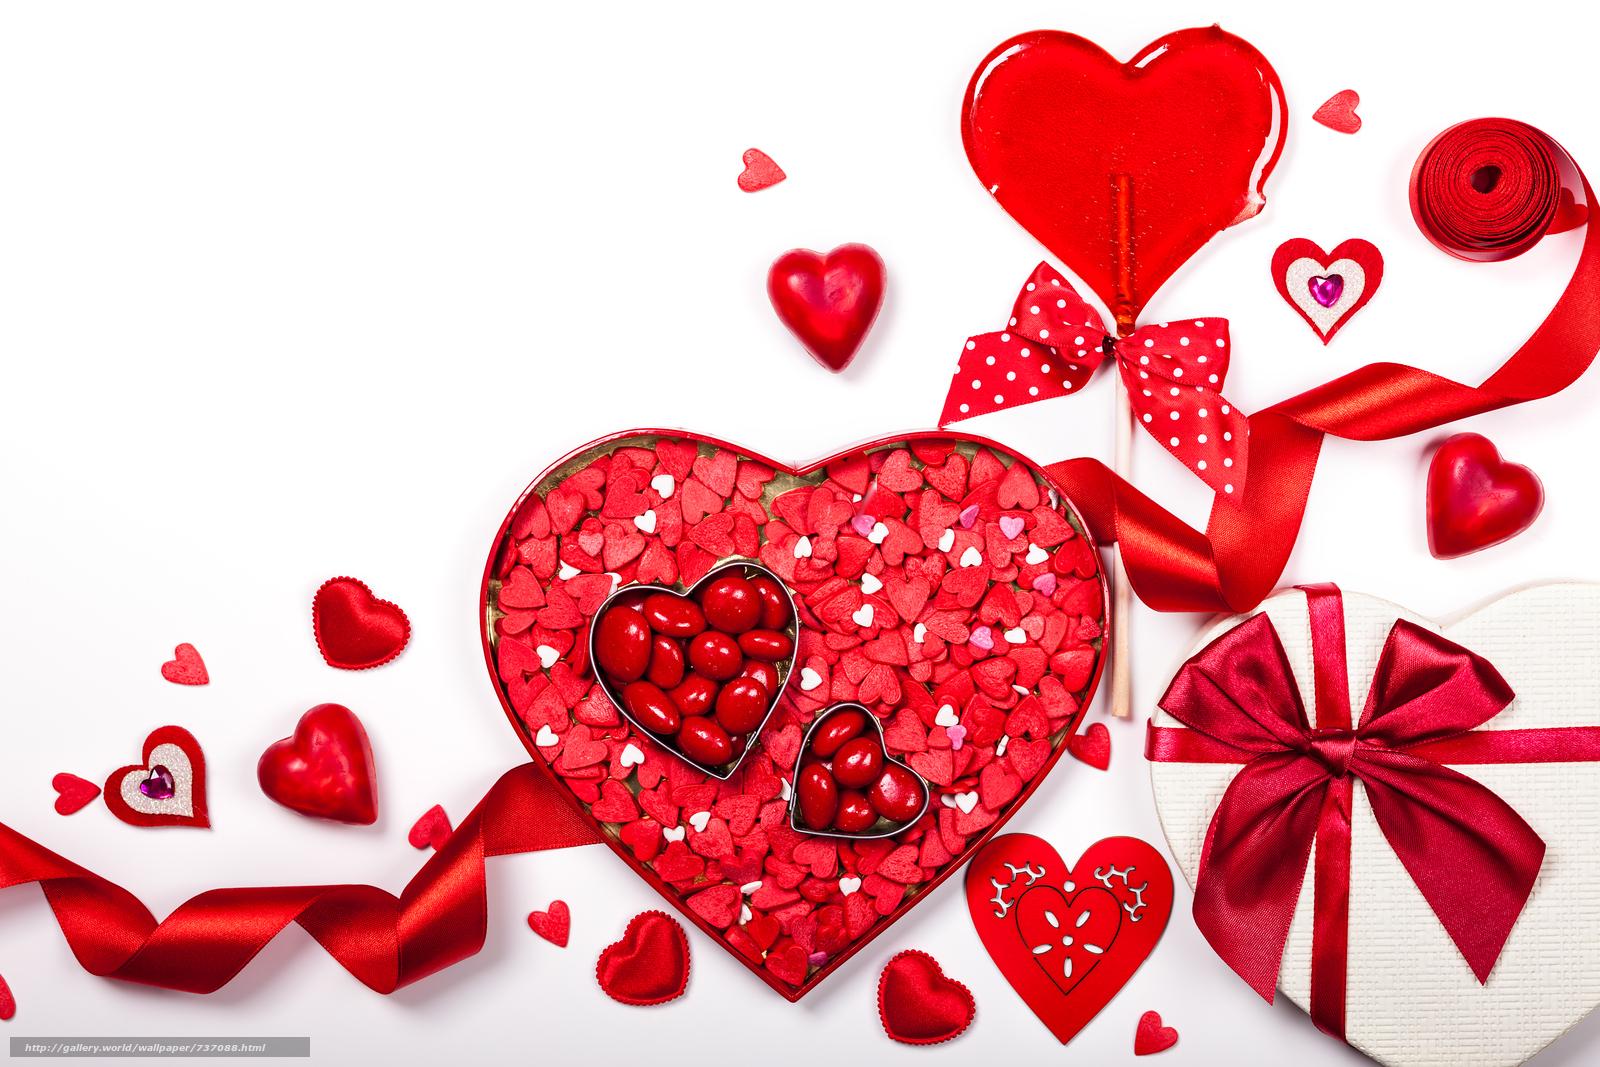 Поделки на день святого валентина своими руками: валентинки с пошаговыми фото